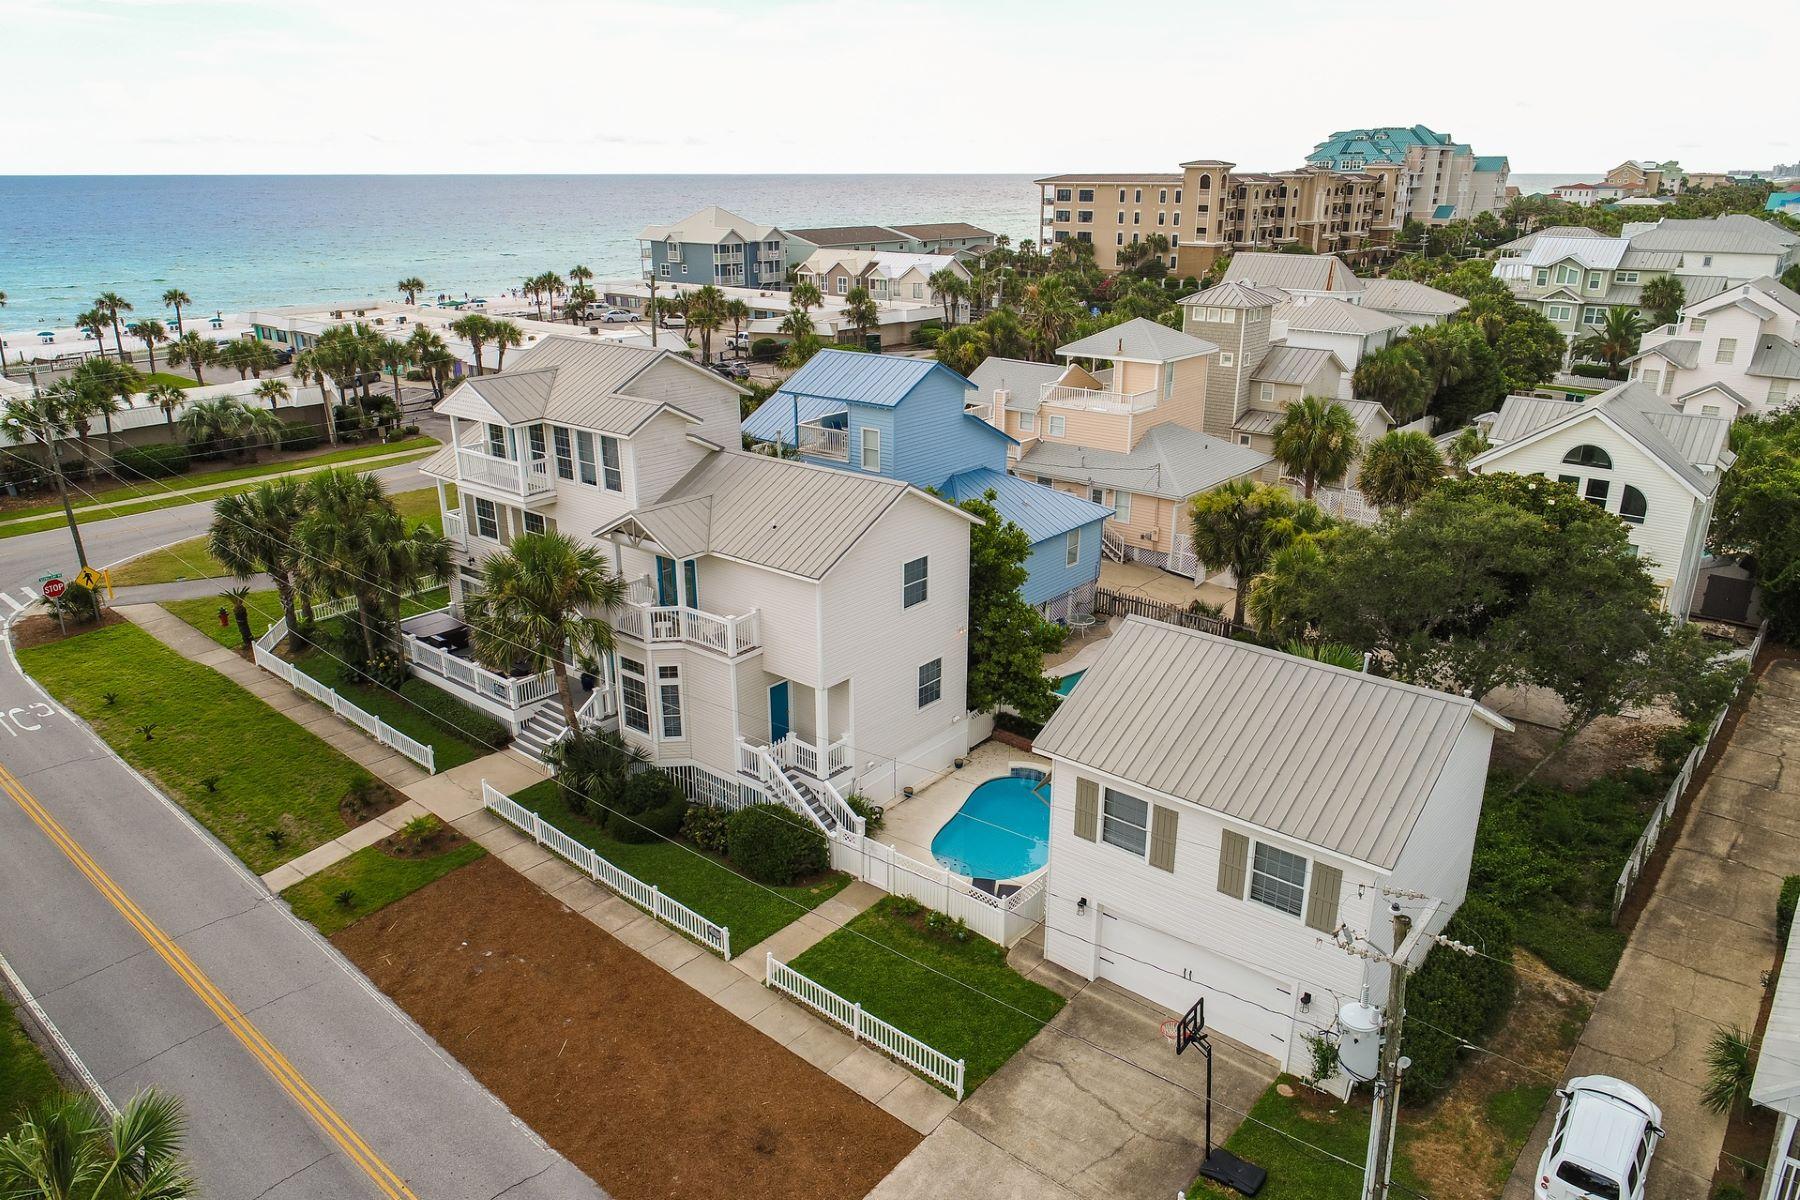 Einfamilienhaus für Verkauf beim DESTIN FLORIDA GULF VIEW VACATION RENTAL ONE LOT OFF BEACH 64 Cobia Street Destin, Florida, 32541 Vereinigte Staaten